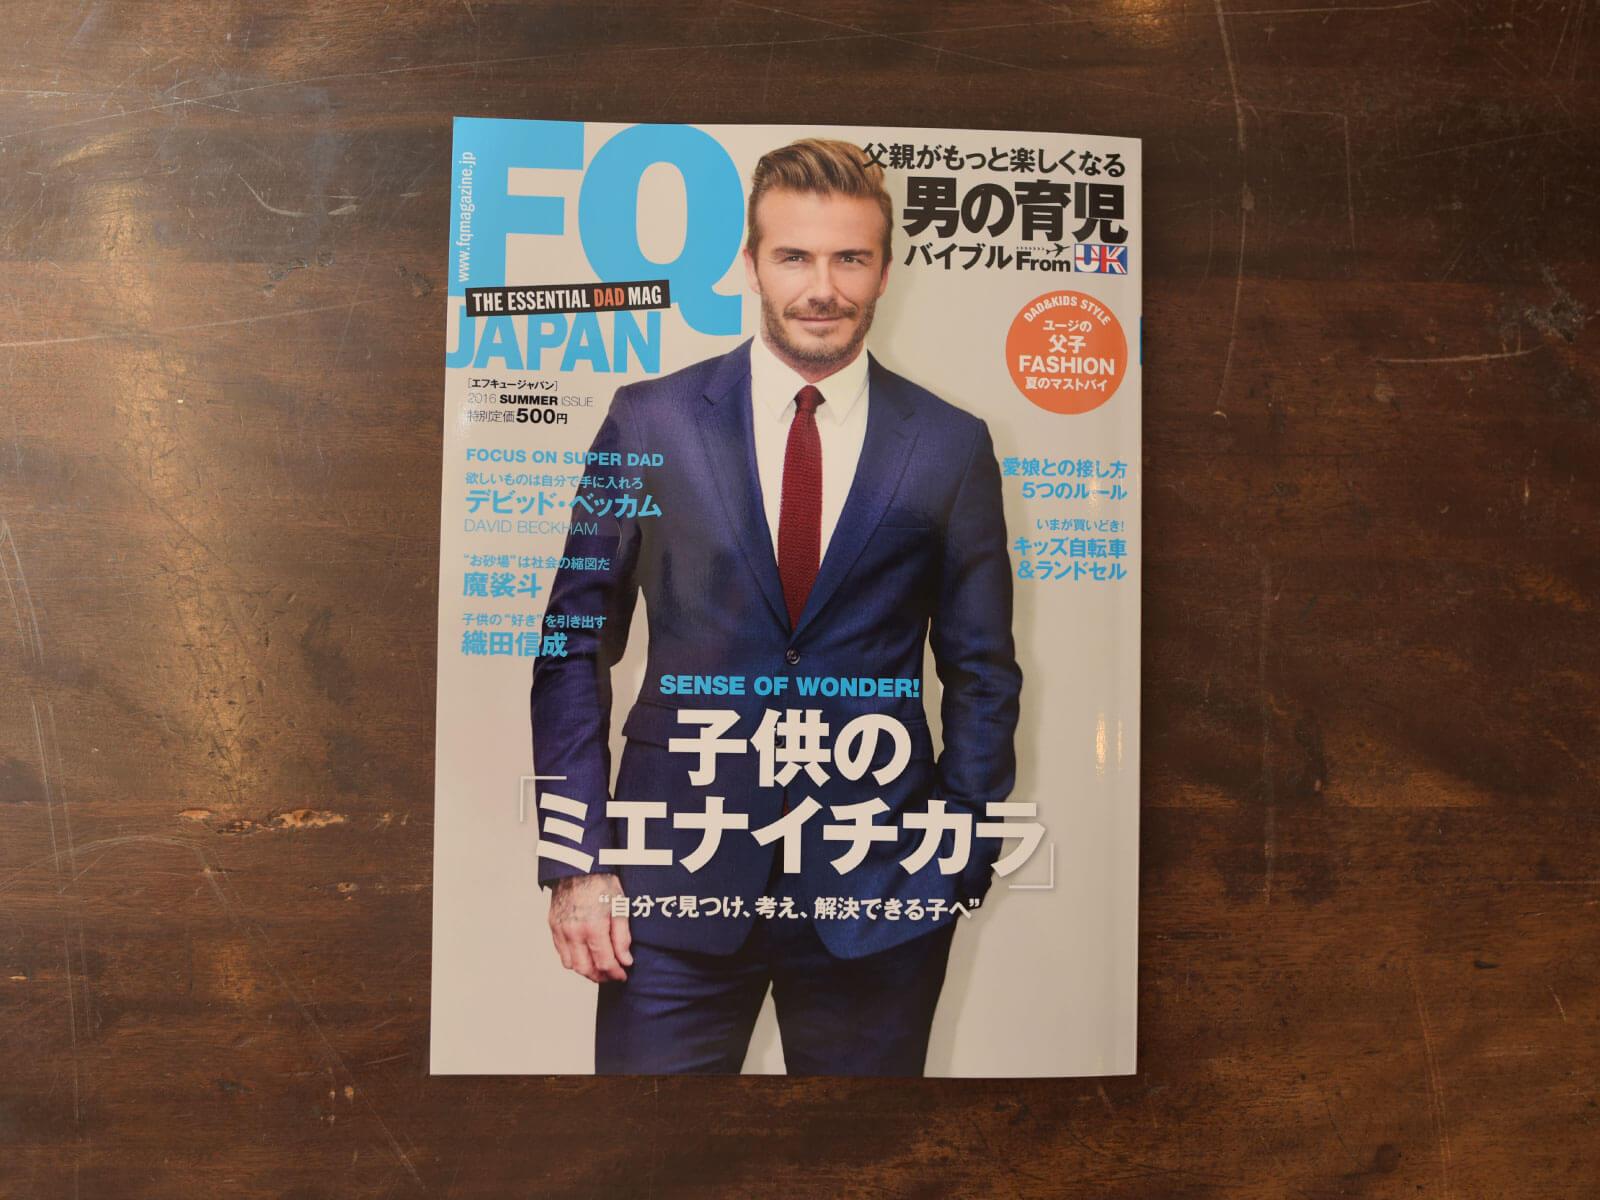 雑誌掲載のお知らせ「FQ JAPAN VOL.39」